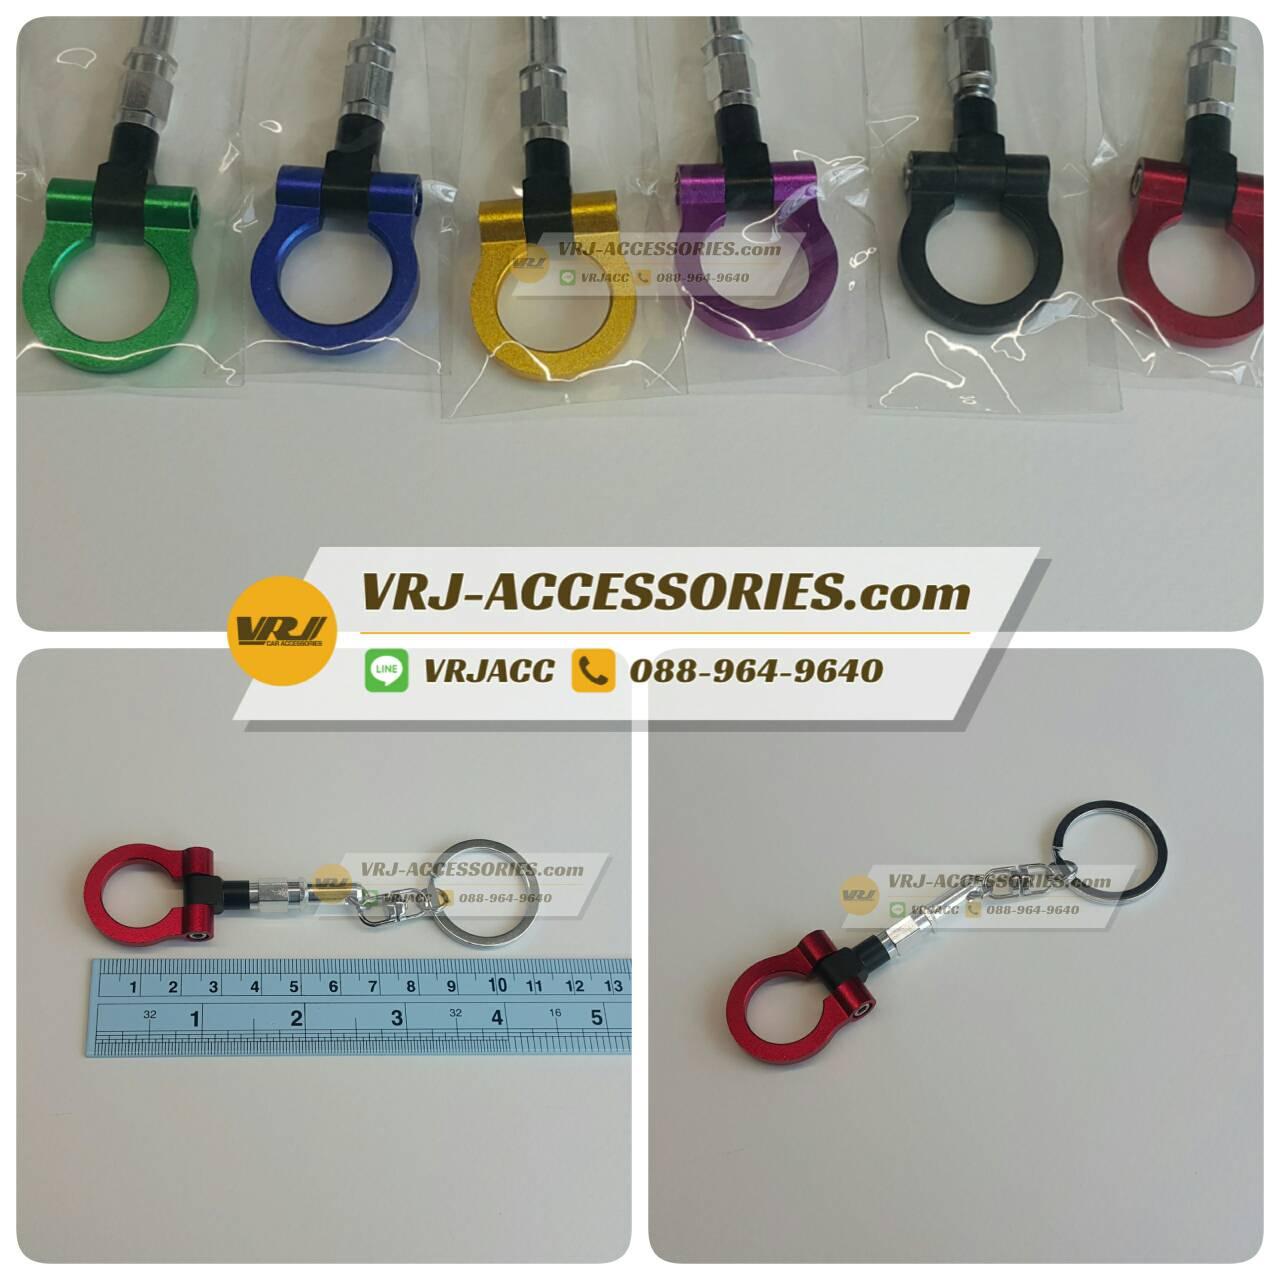 พวงกุญแจ หูลาก หัวกลม : Keychain